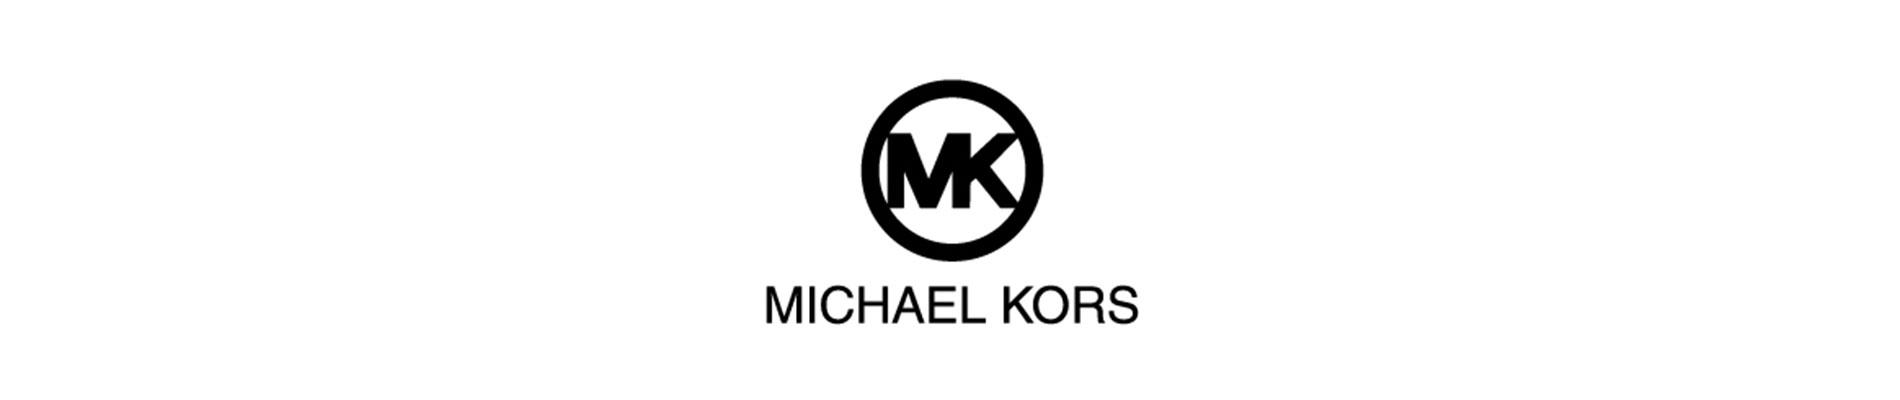 Michael Kors designer frame logo